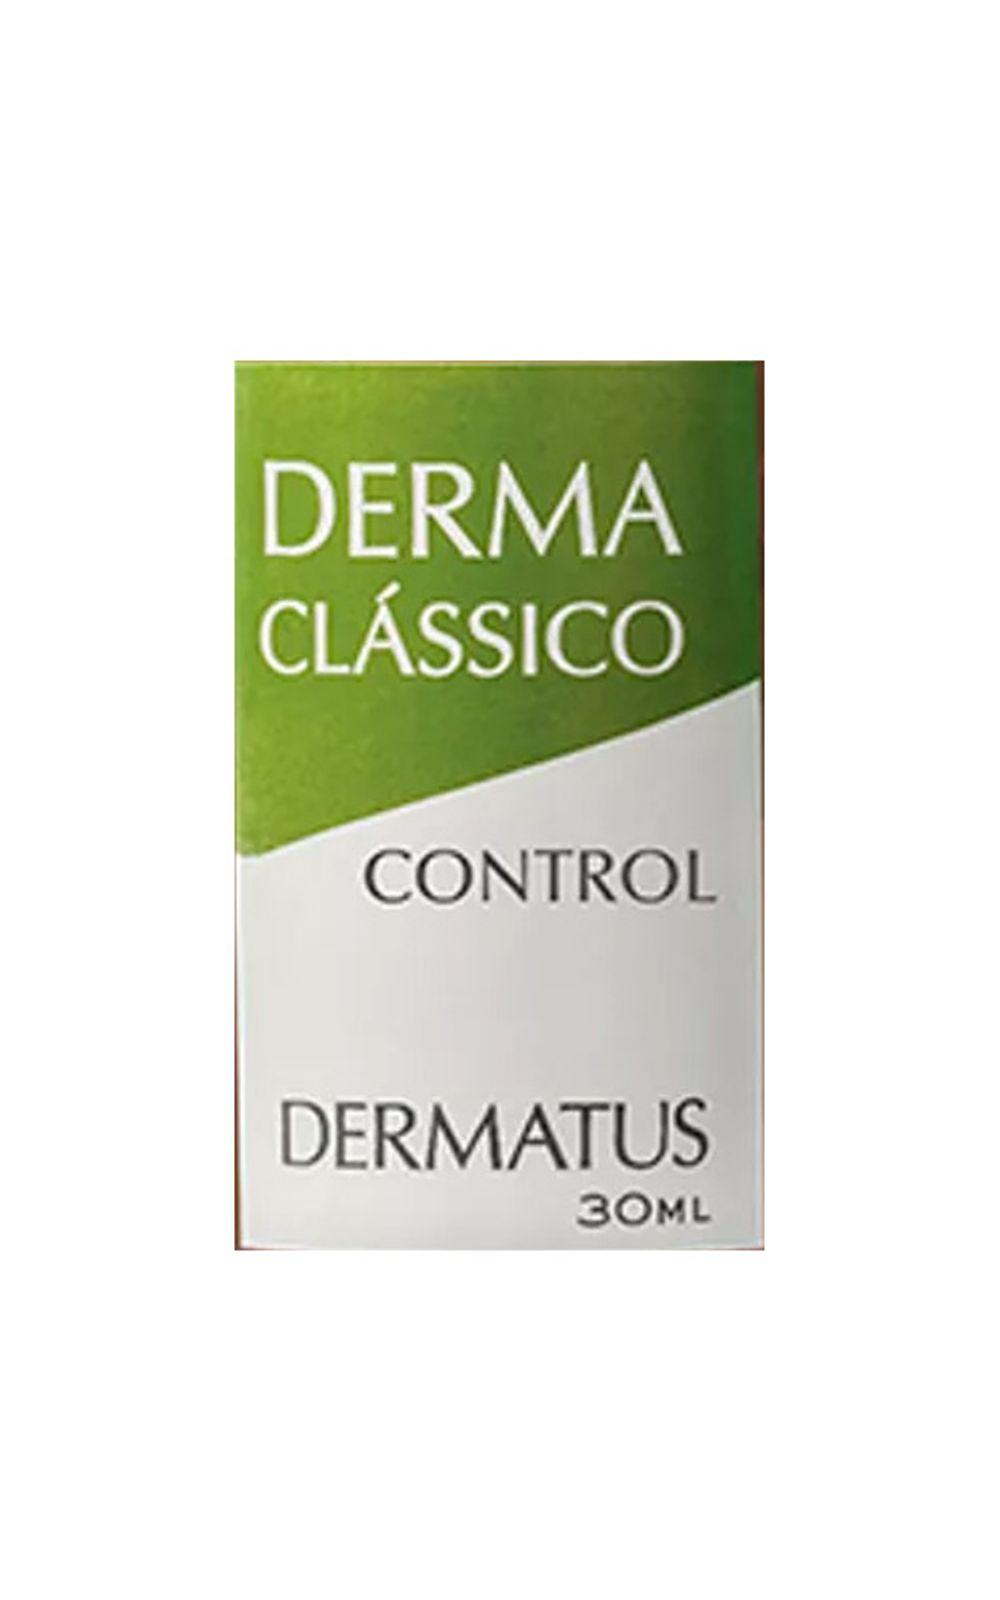 Foto 2 - Derma Clássico Control Dermatus - Rejuvenescedor Facial - 30ml